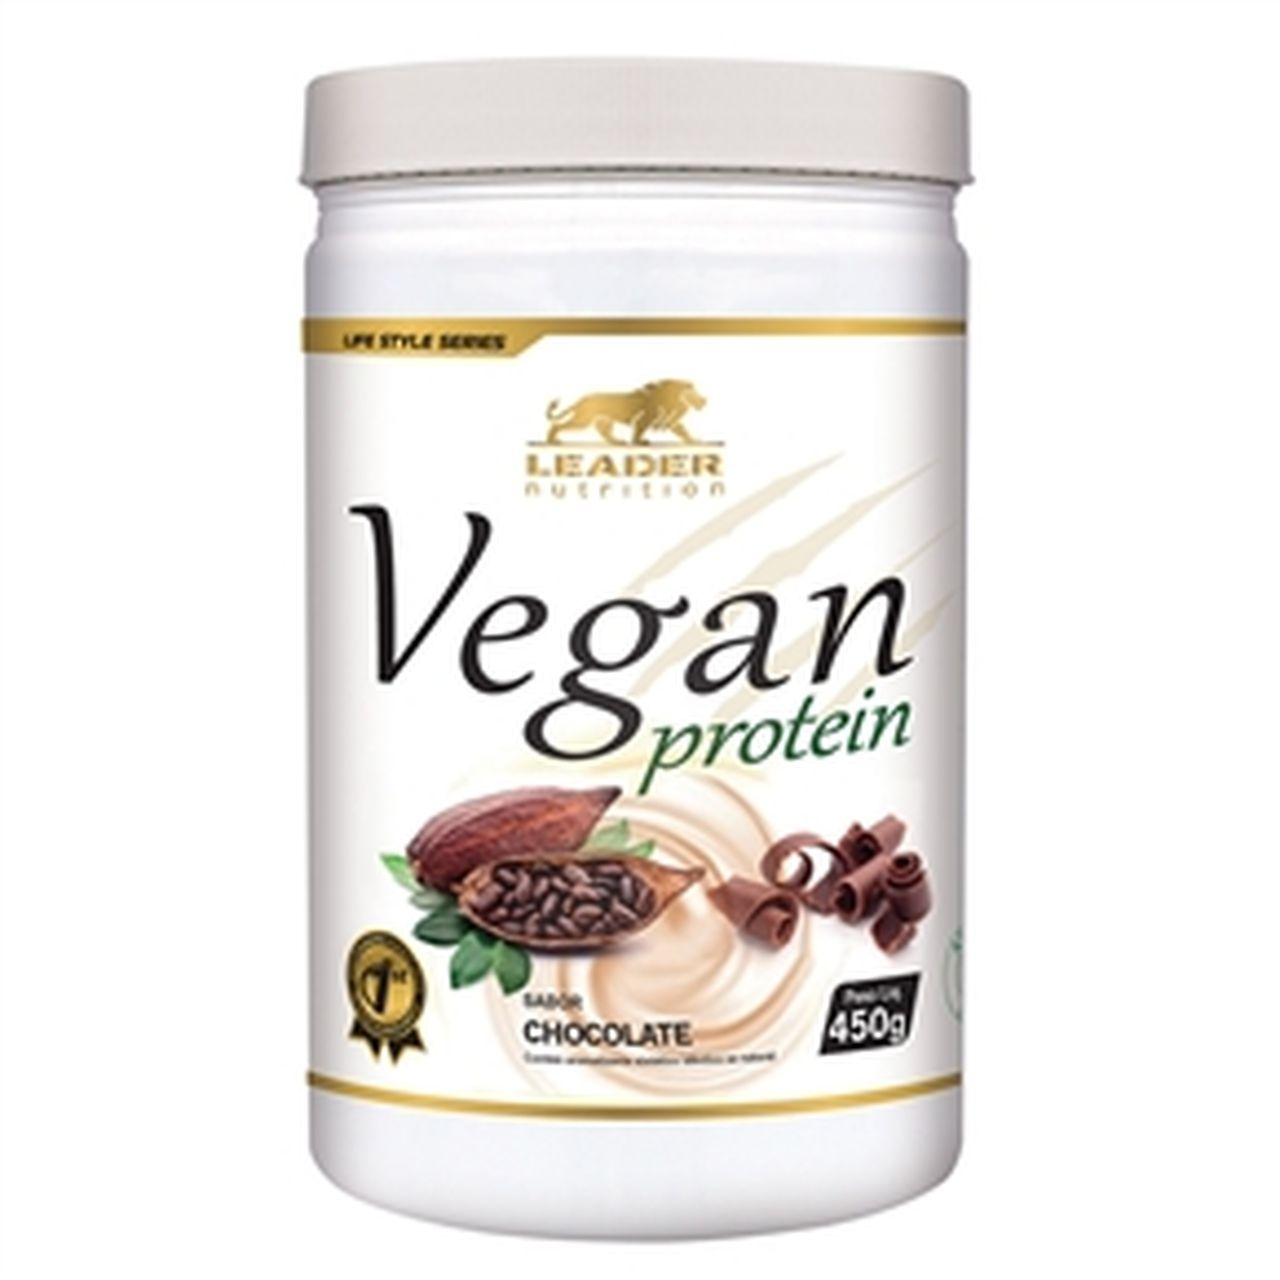 Vegan Protein (450g) - Leader Nutrition